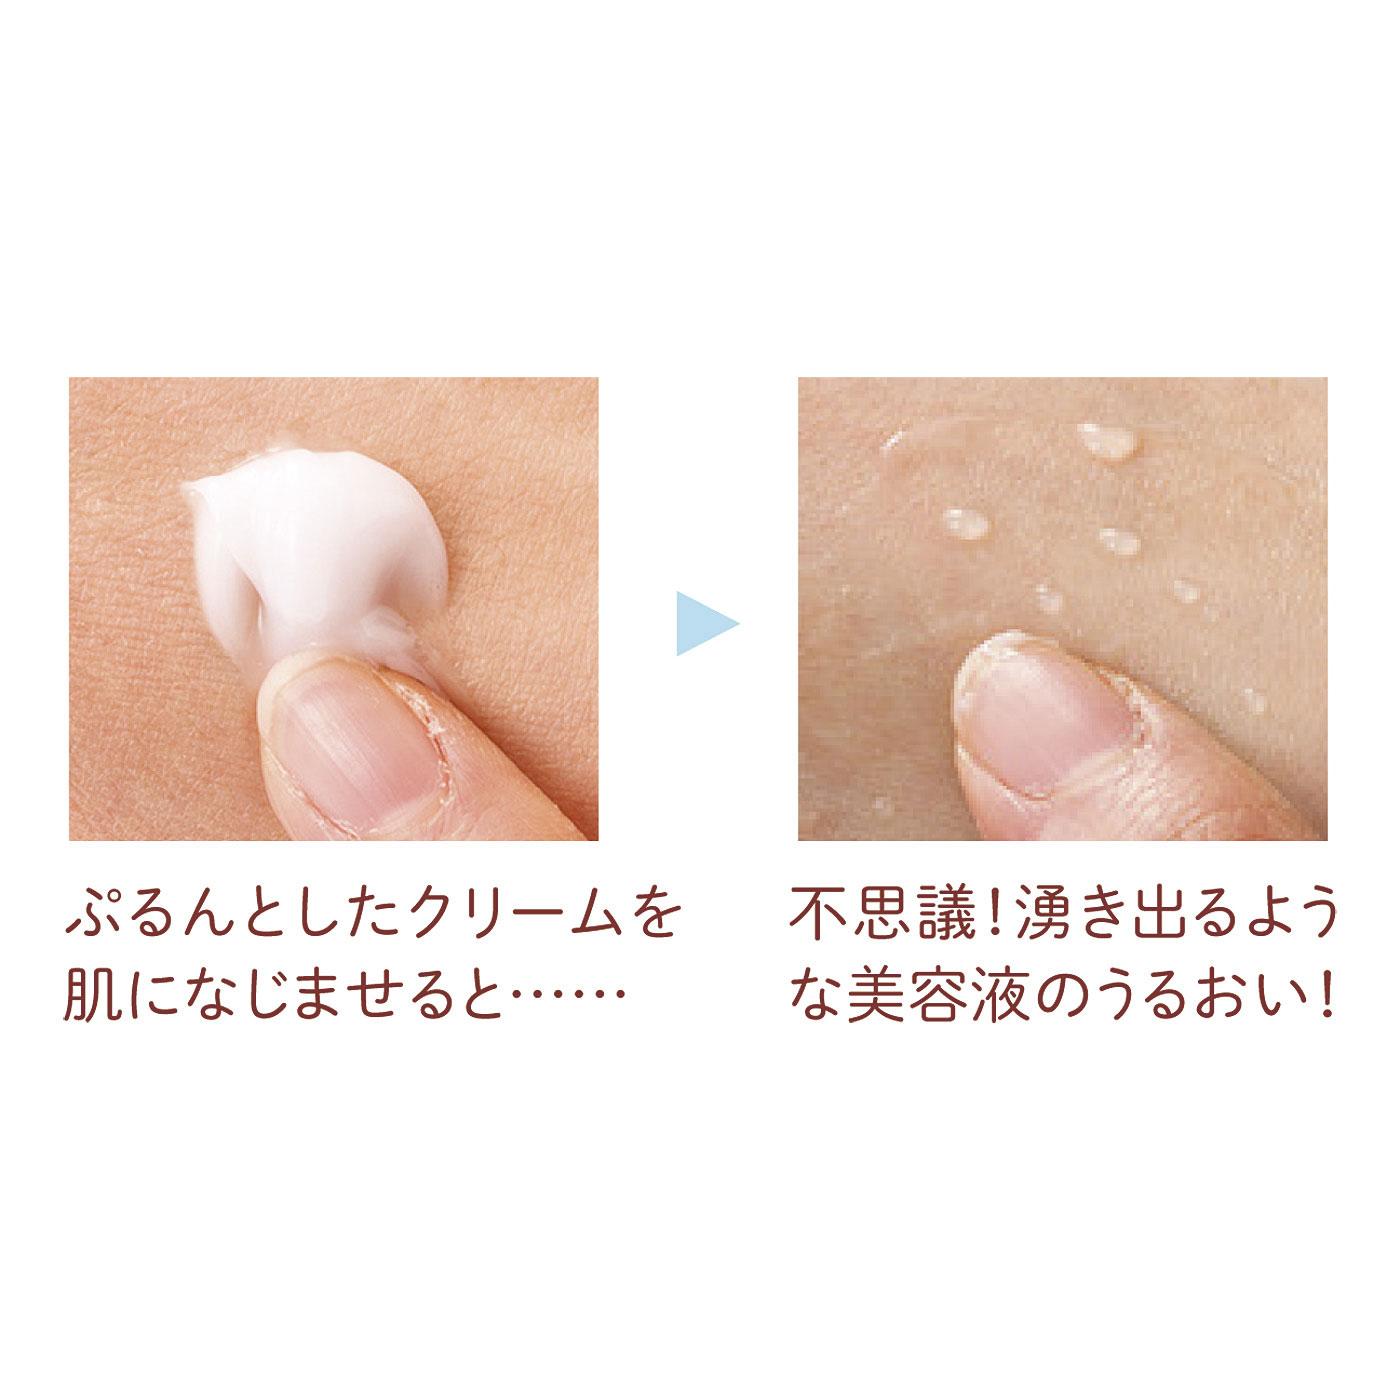 ※画像ではピンク色の肉球の香りハンドクリームを使用しておりますが効果は同じです。